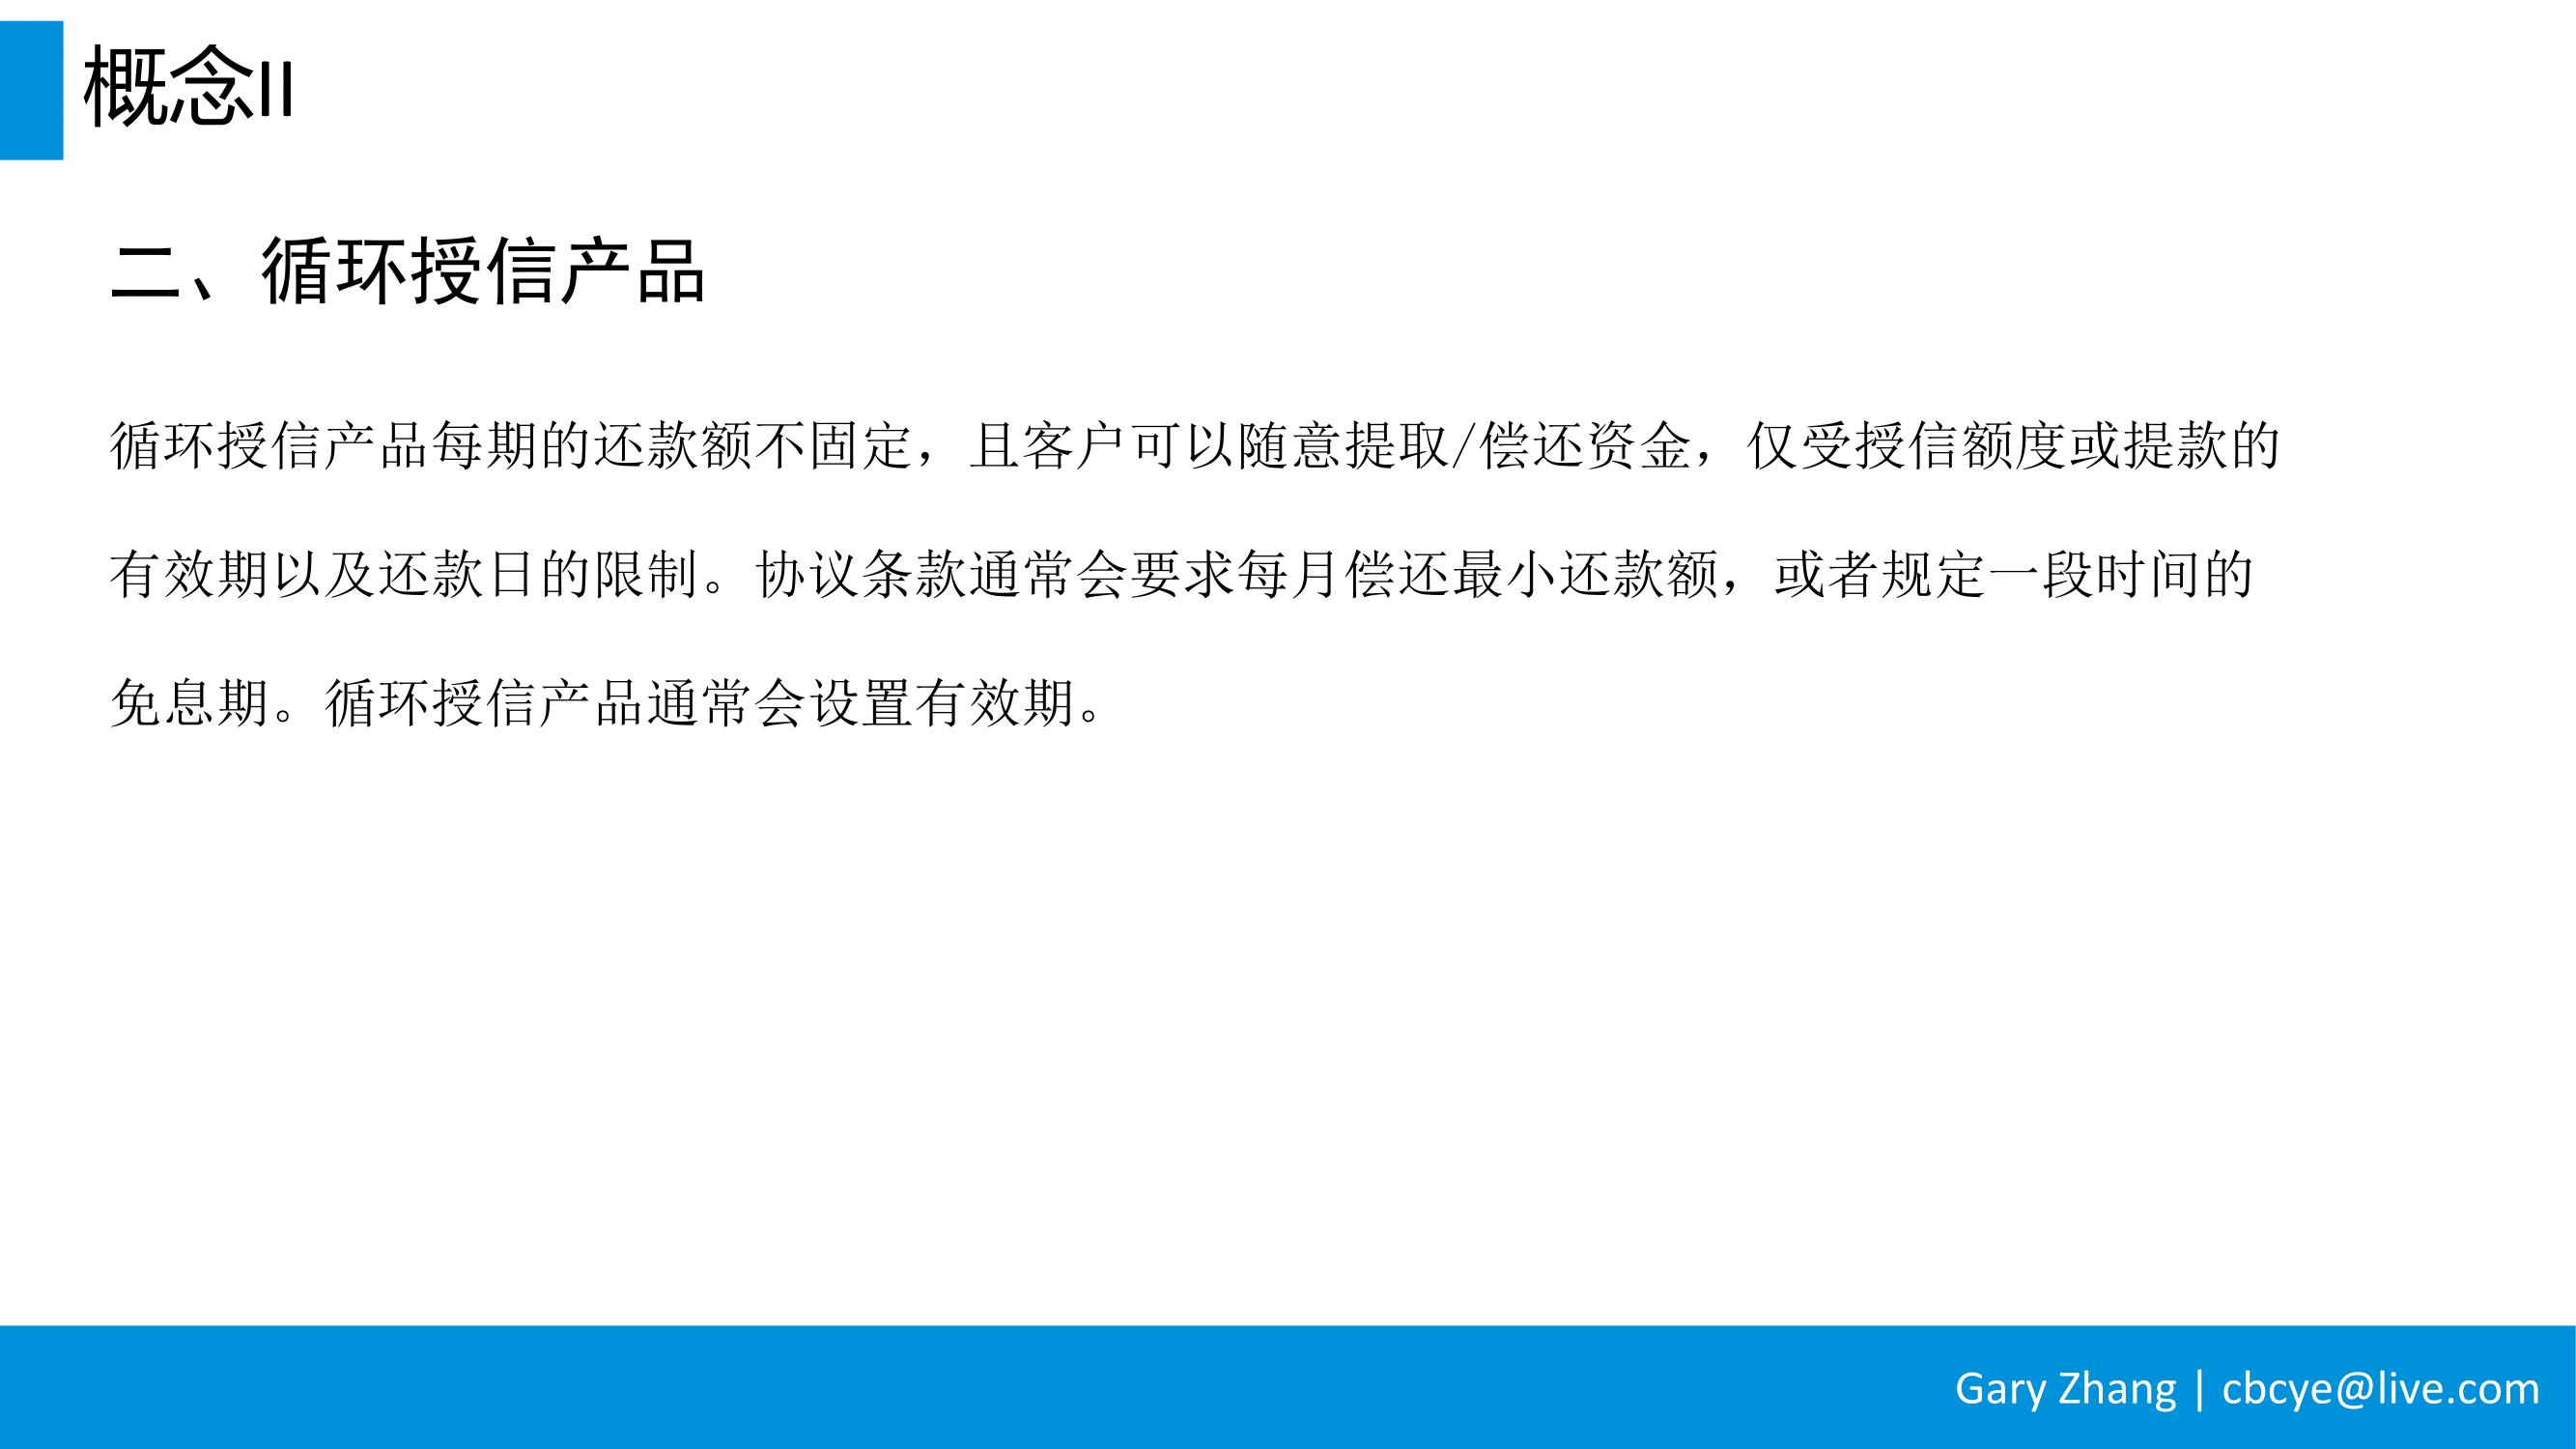 消费金融业务全流程指南_v1.0-012